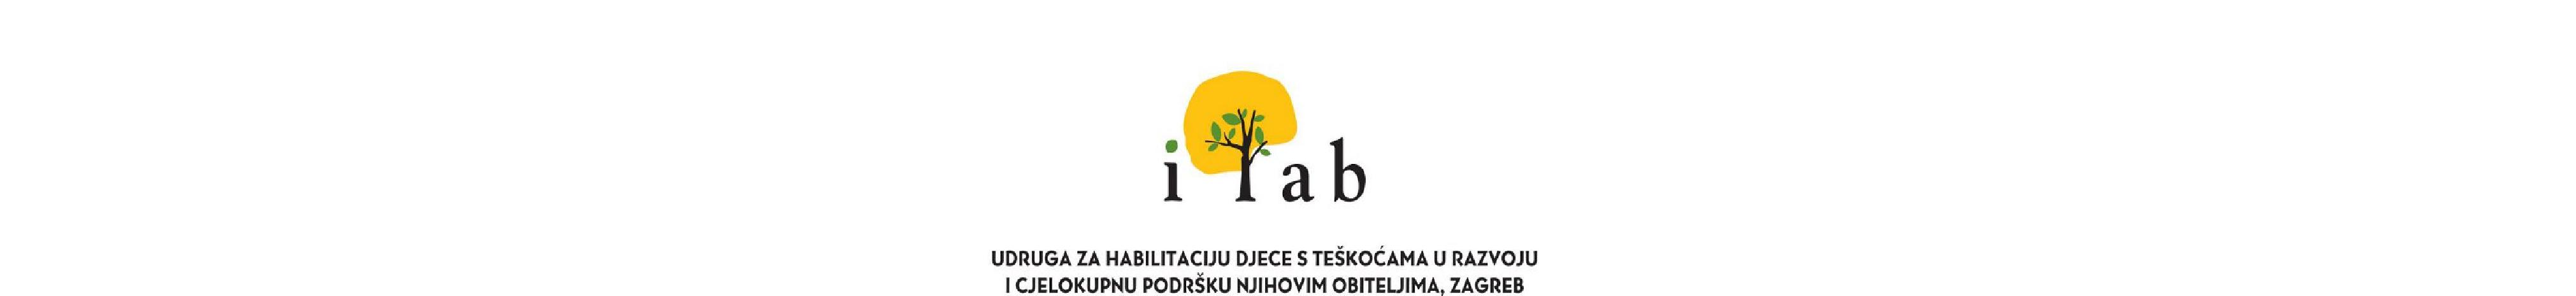 Udruga iLab